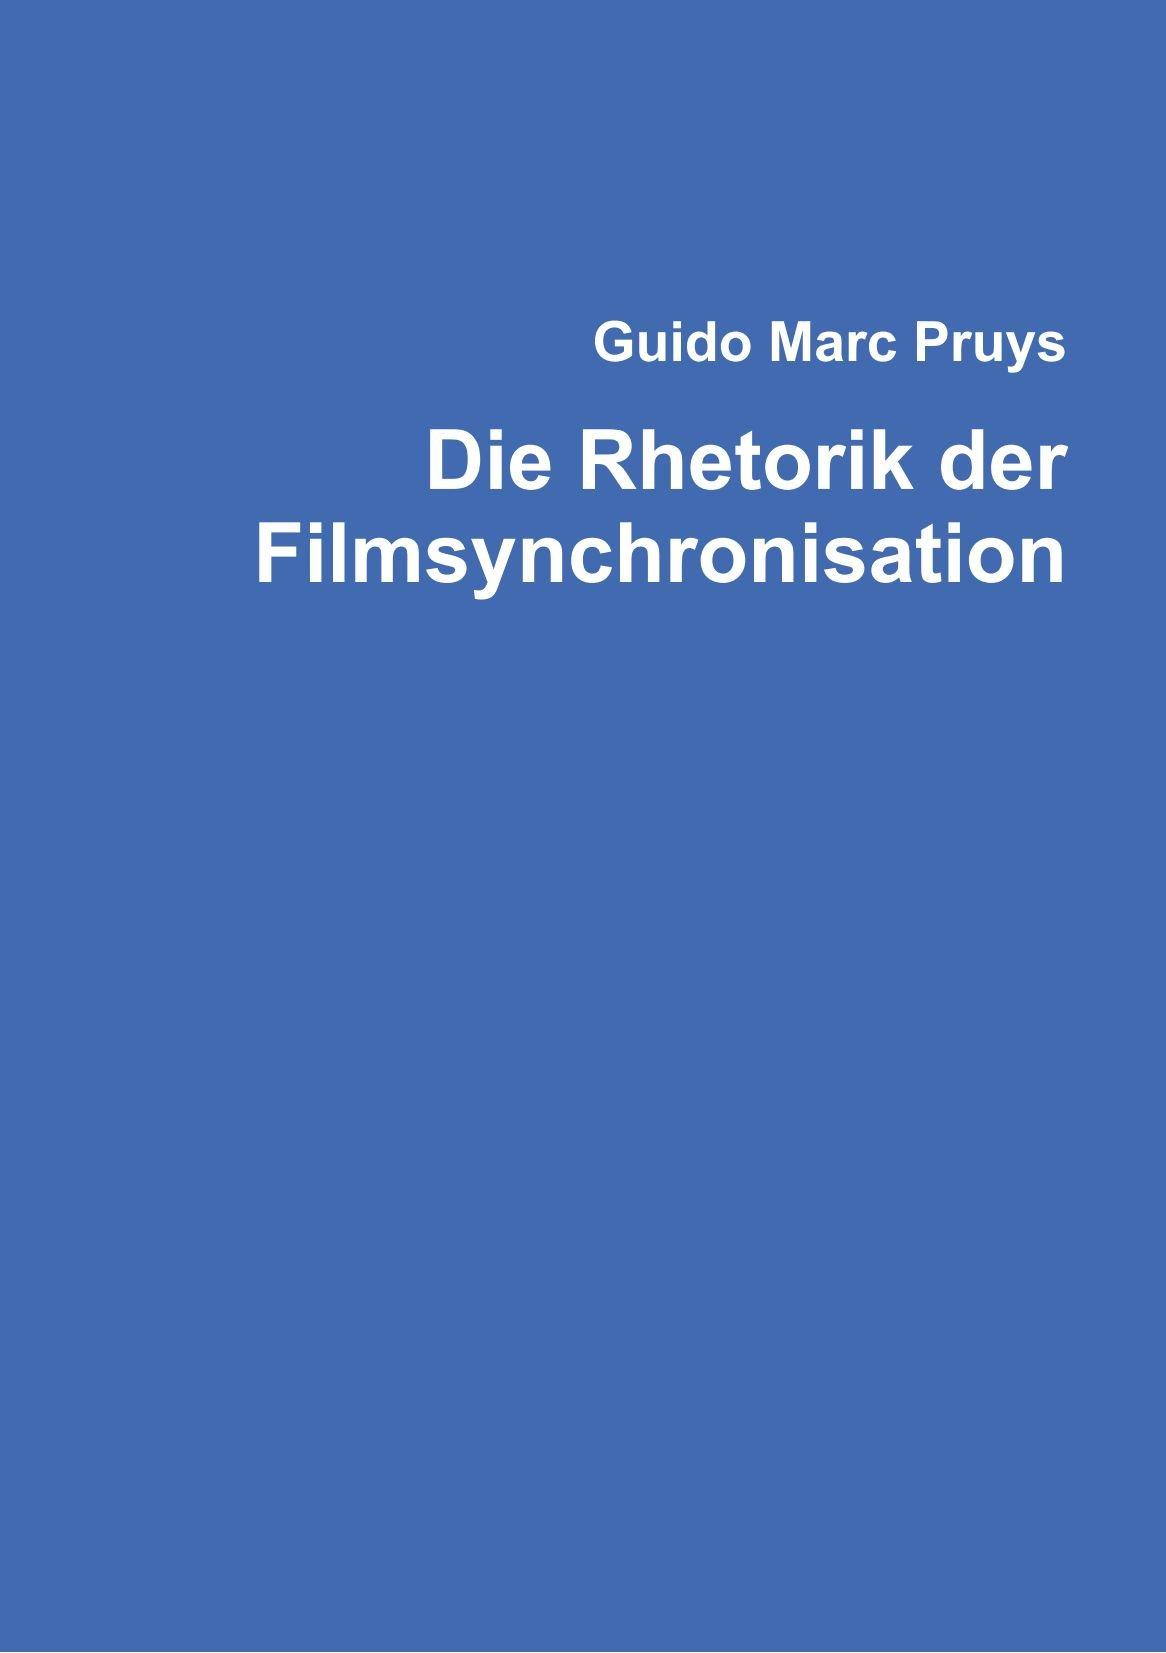 Die Rhetorik der Filmsynchronisation